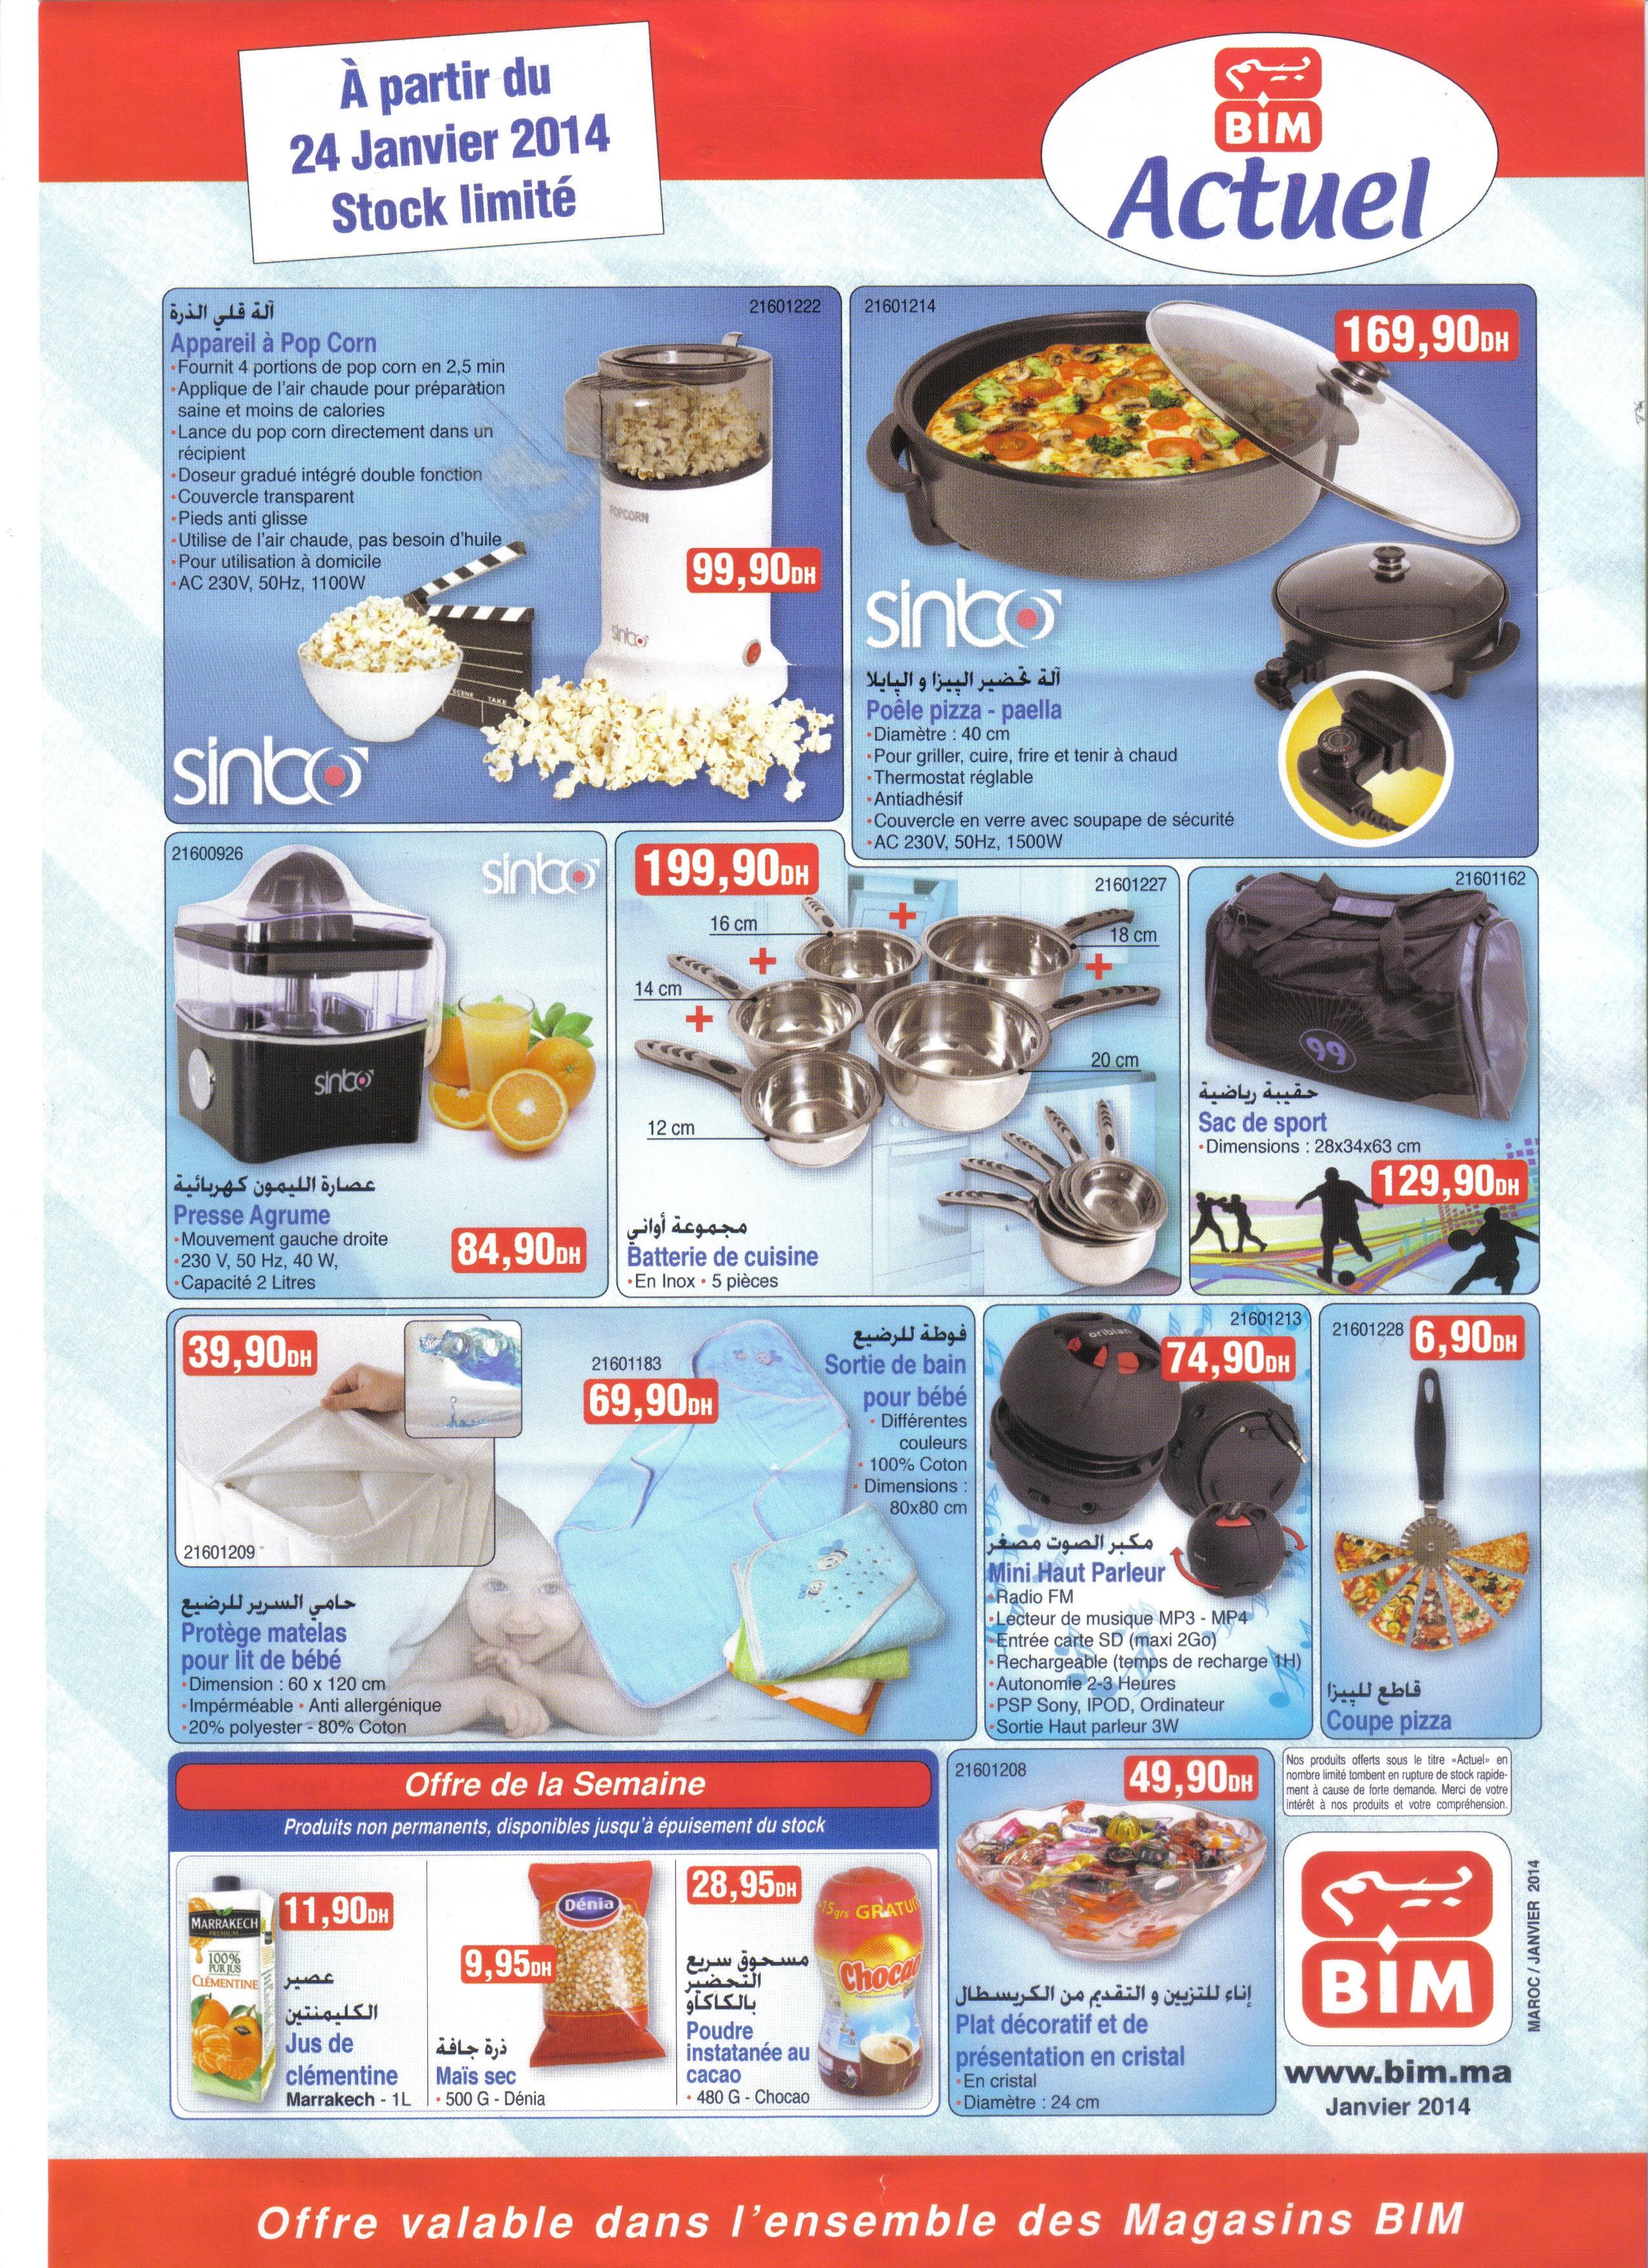 Catalogue De Bim Offres Amp Soldes Promotion Au Maroc